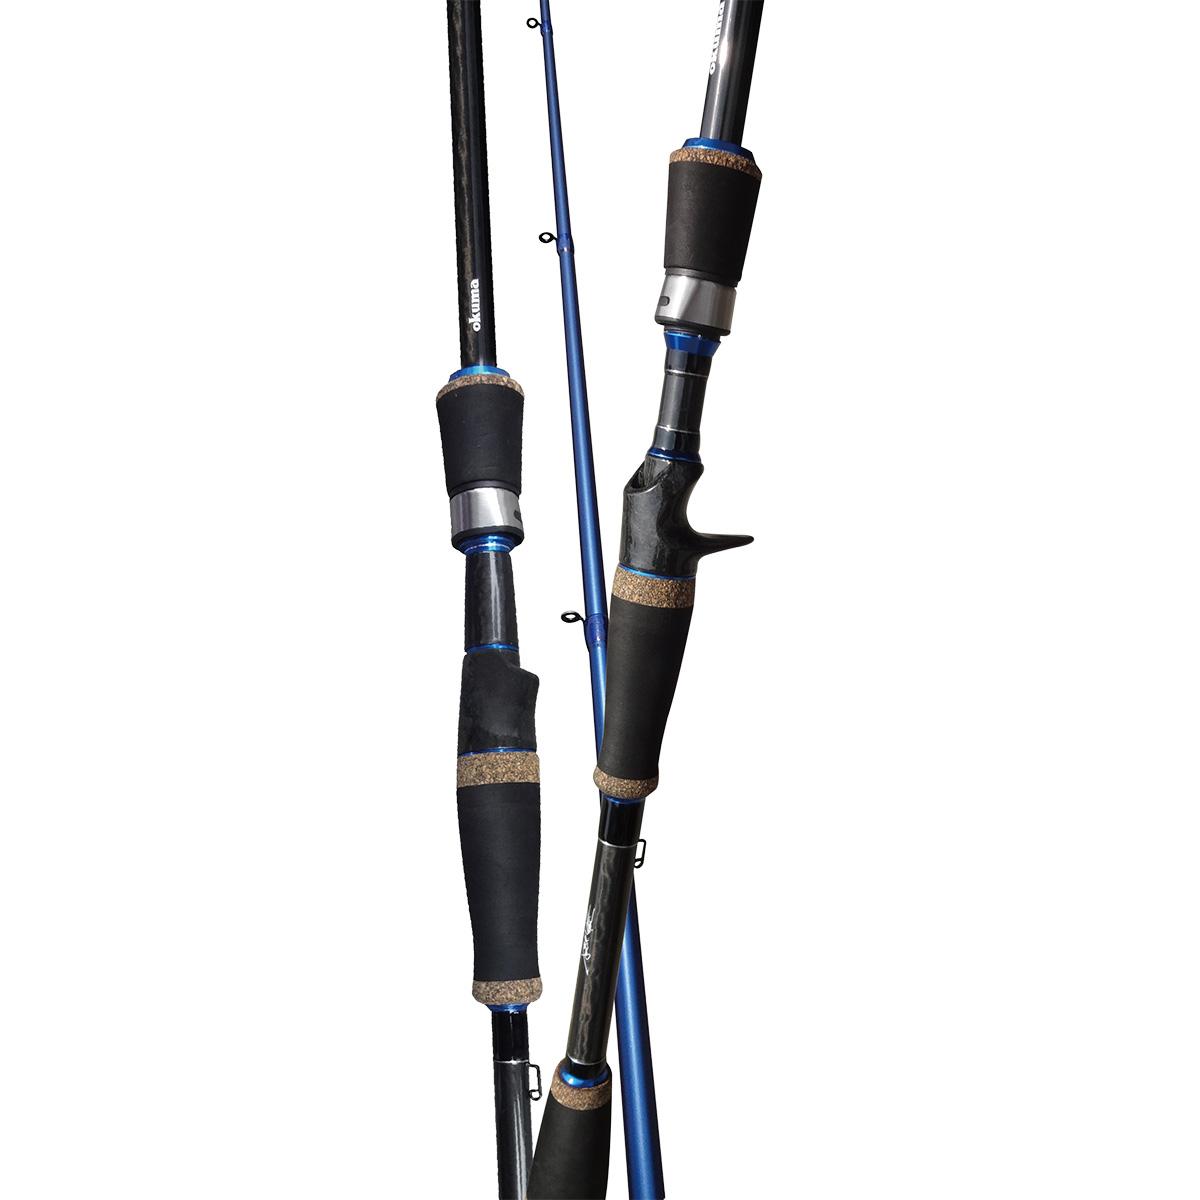 Tige TCS - Canne Okuma TCS - Conçue par des pêcheurs professionnels à succès - Scott Martin pour la pêche de concept de tournoi - Construction ultra sensible en carbone 30T - Poignée divisée en EVA et poignée avant en EVA pour un poids et une sensation réduits